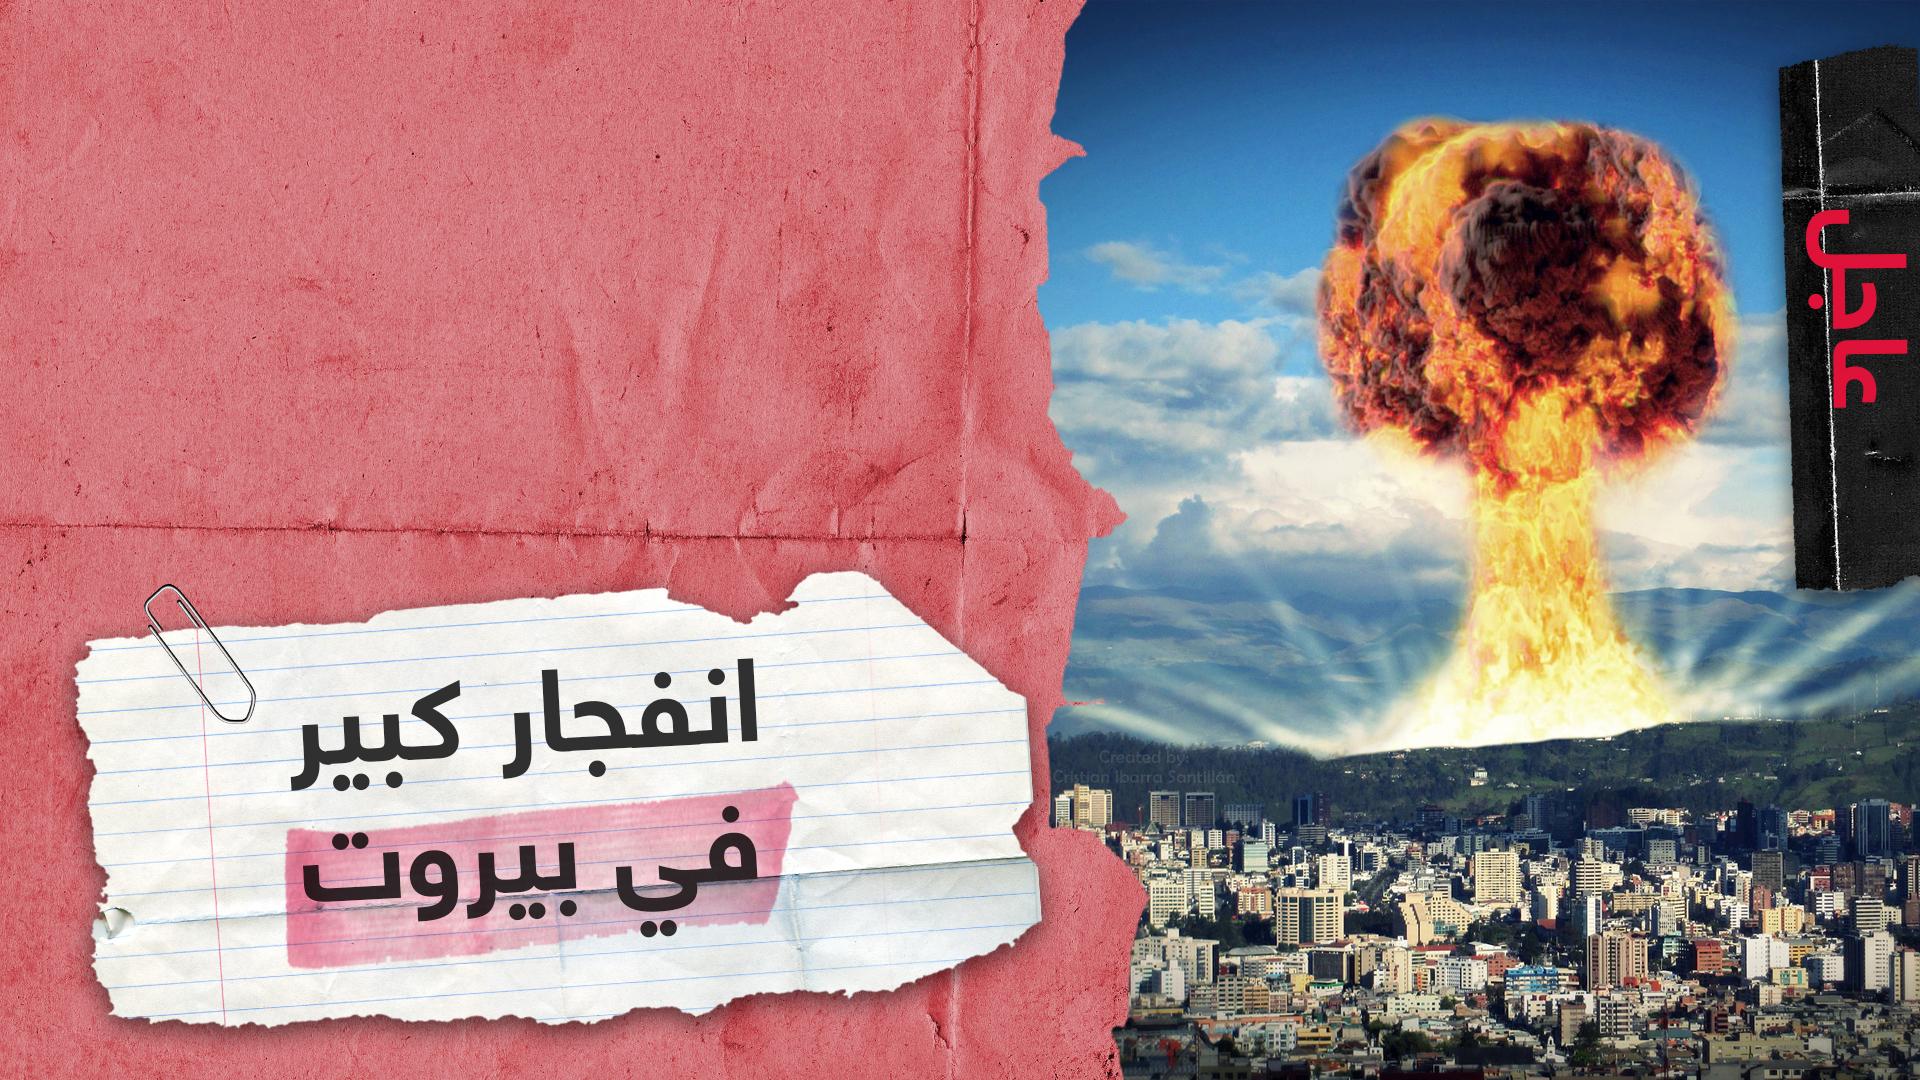 انفجار يهز العاصمة اللبنانية بيروت وأضرار كبيرة في المنازل والسيارات